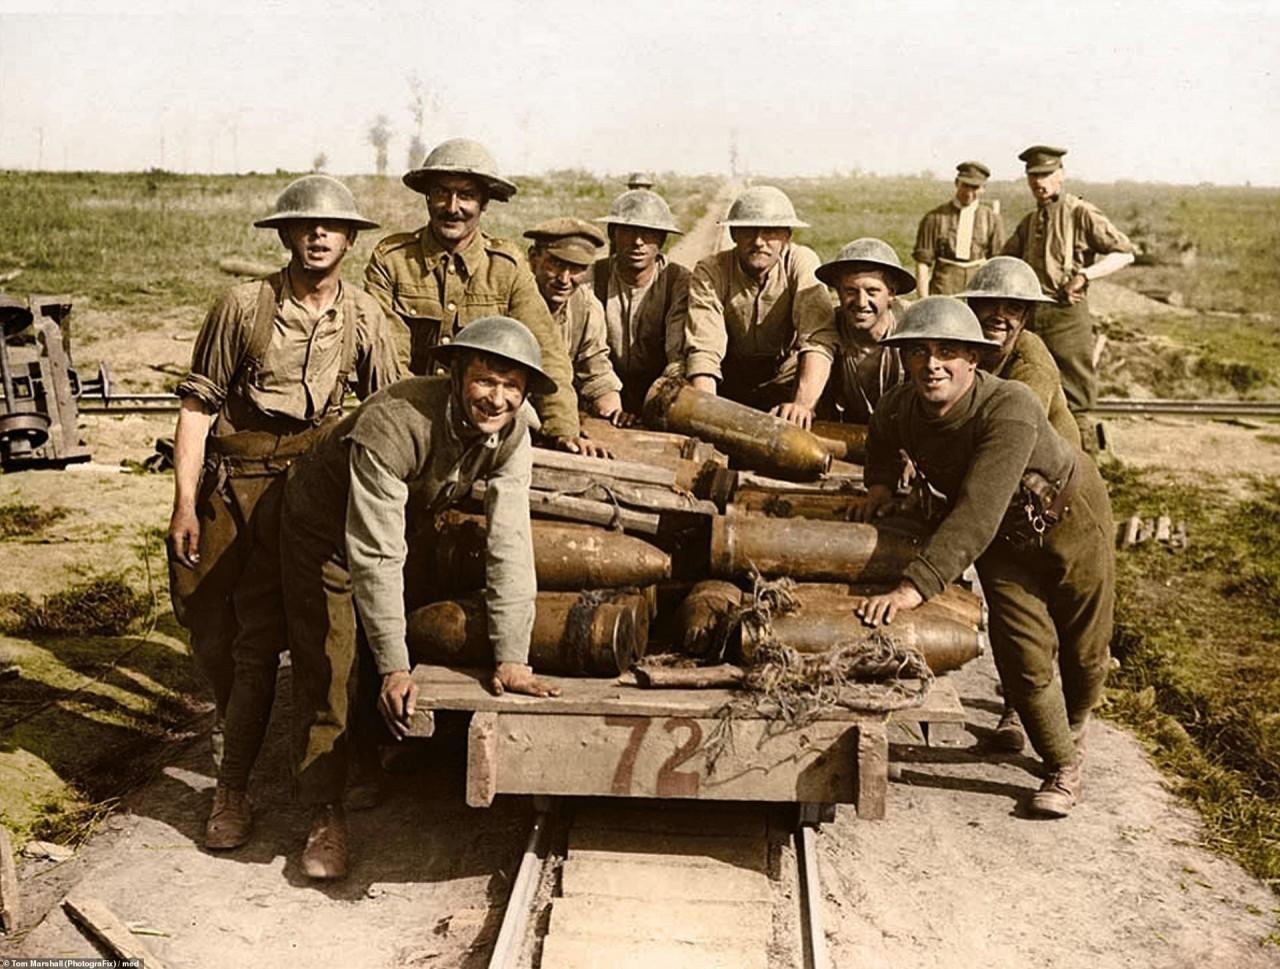 Артиллеристы Королевской гарнизонной артиллерии, 1 октября 1917 г. Ипр, Бельгия архивное фото, колоризация, колоризация фотографий, колоризированные снимки, первая мировая, первая мировая война, фото войны